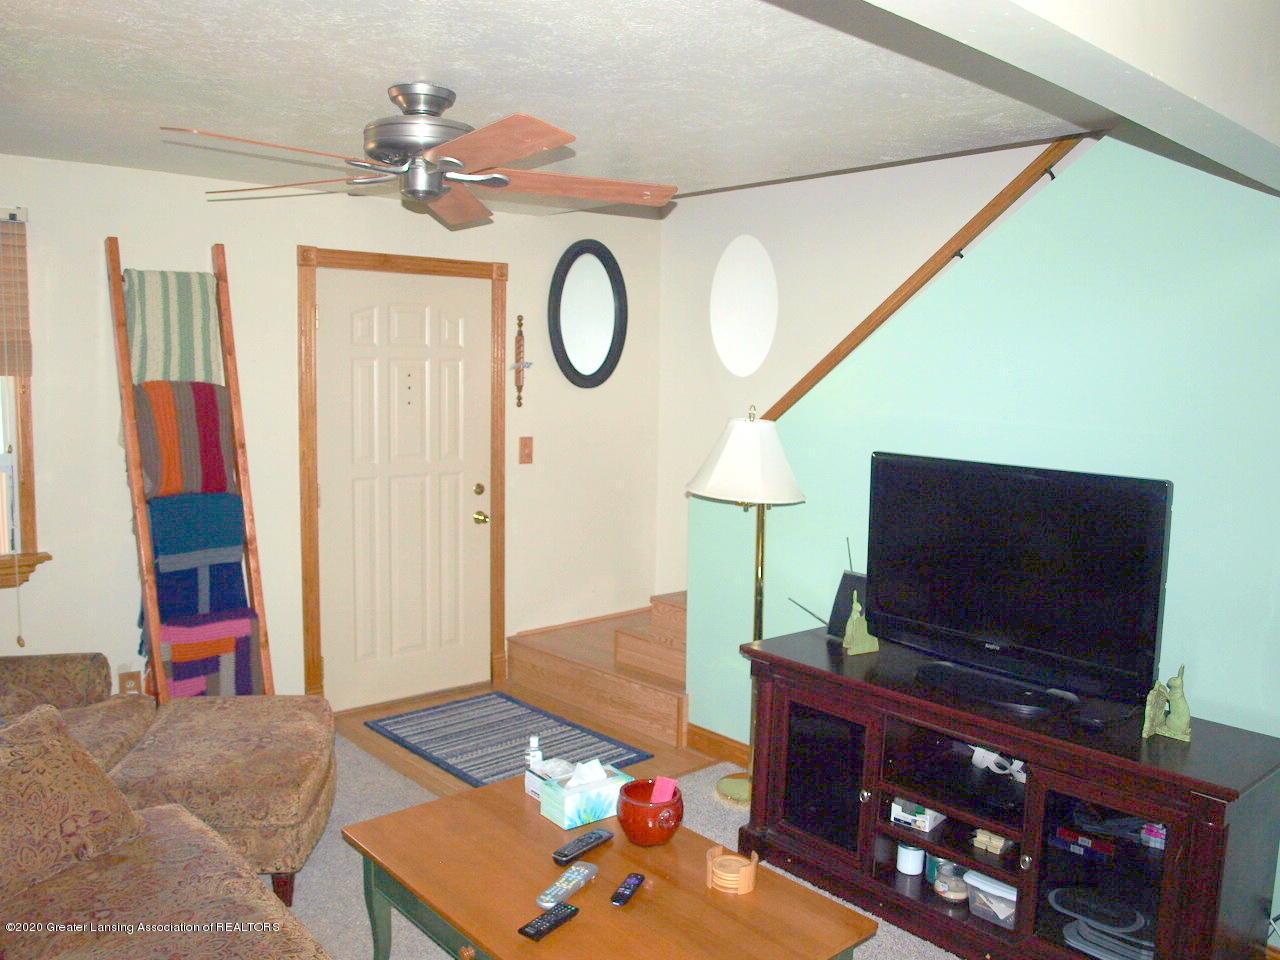 300 S Swegles St - living room - 10